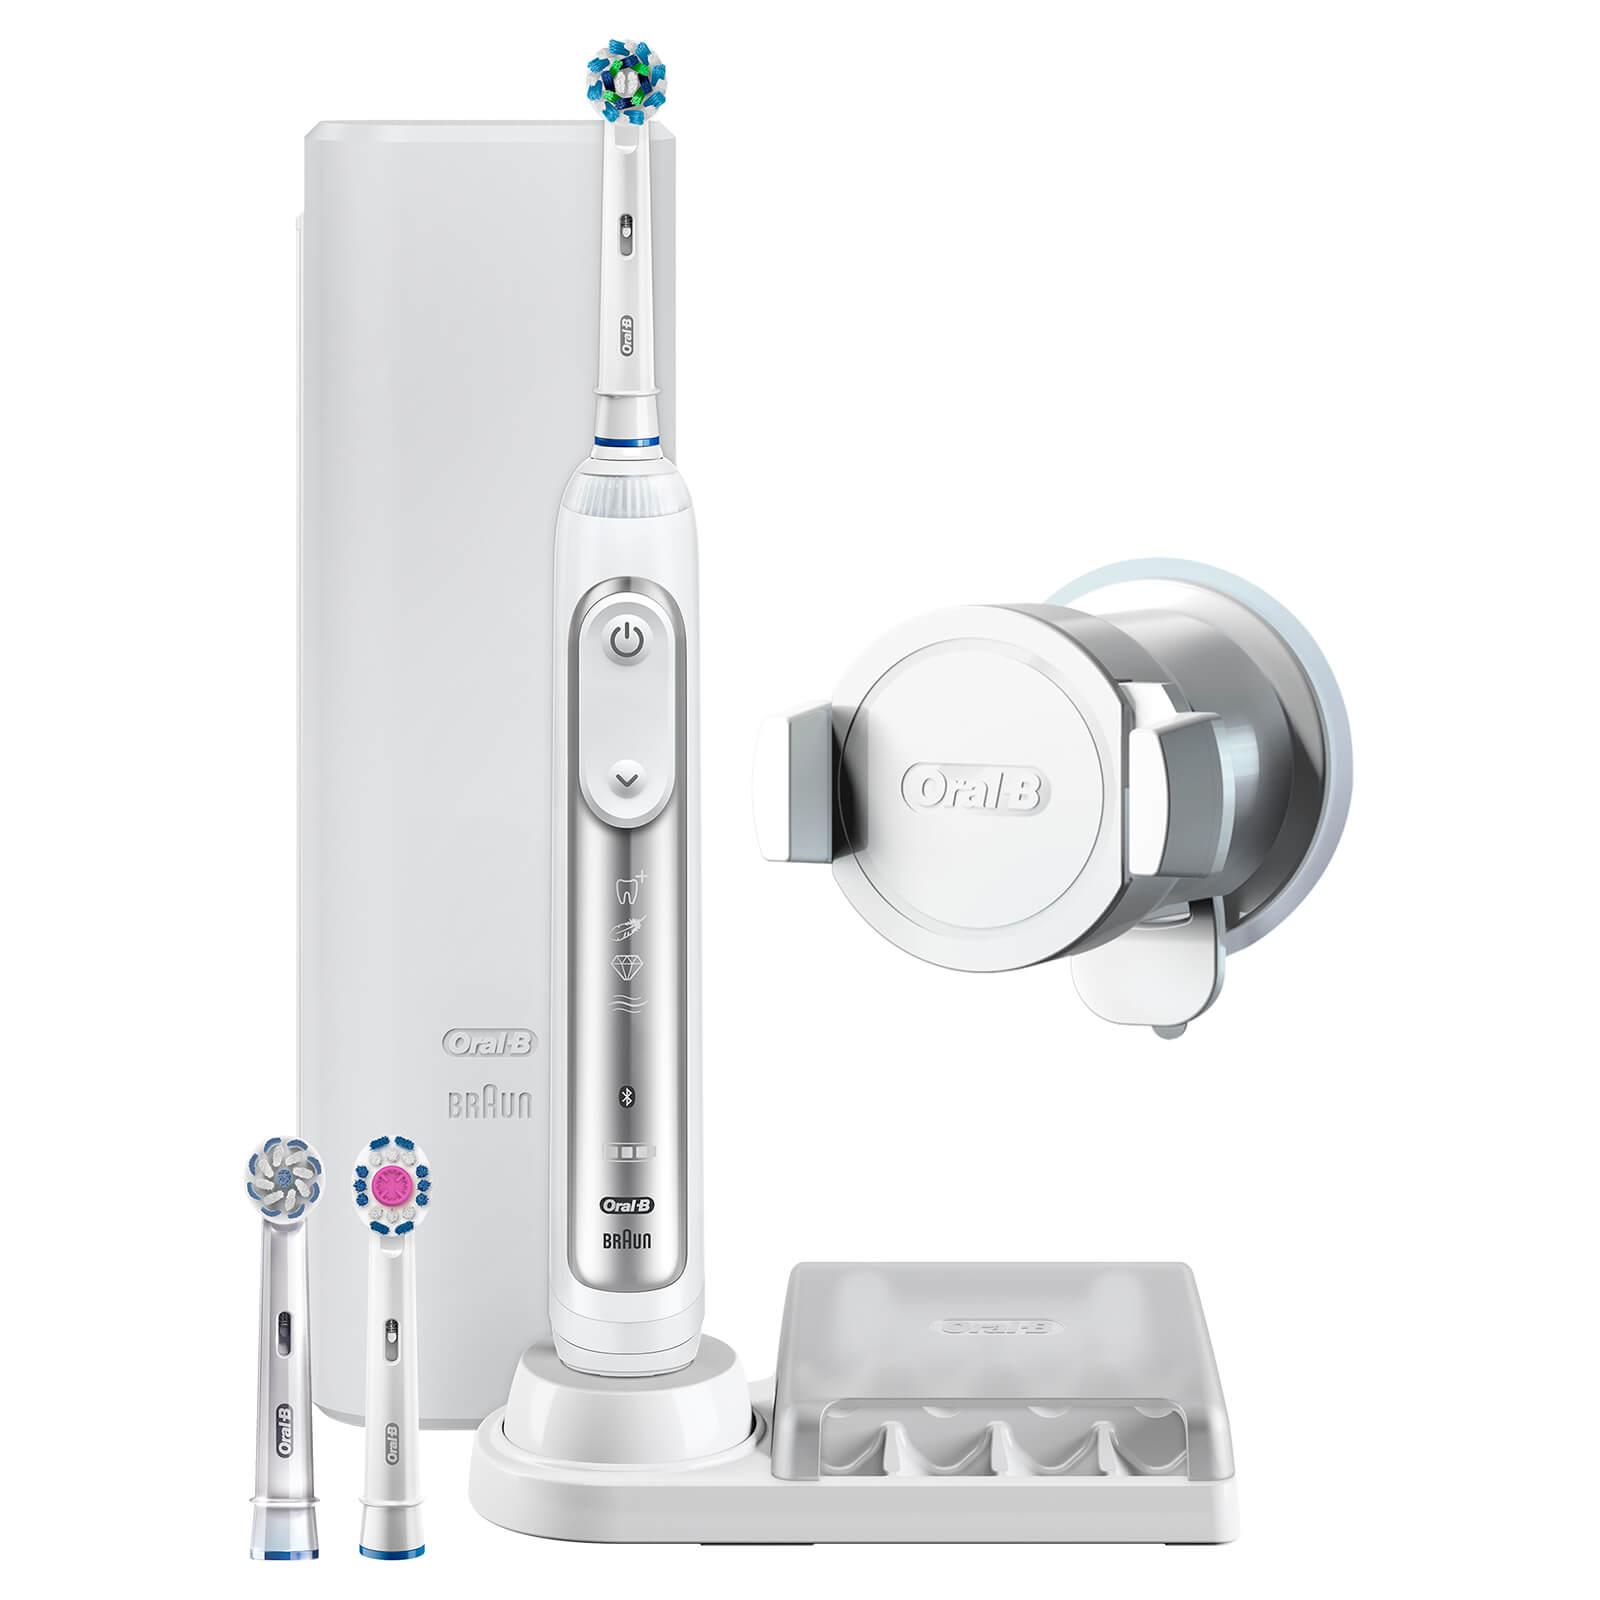 Oral B Oral-B Pro Genius 8000 Electric Toothbrush